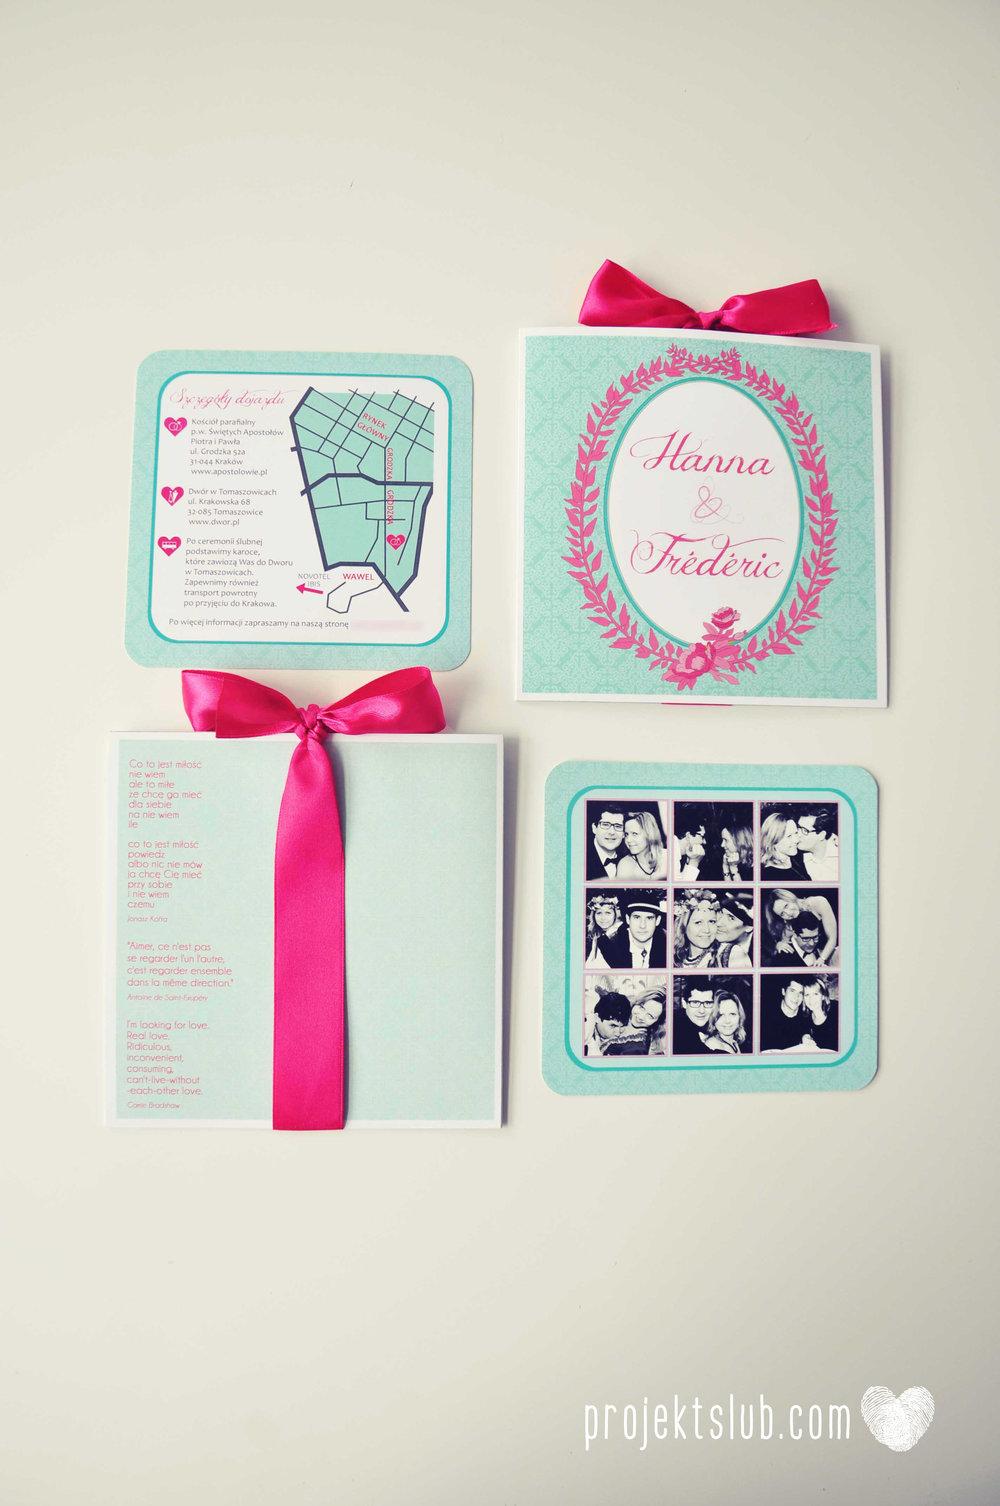 oryginalne zaproszenia ślubne najpiękniejsza papeteria miętowe love mięta malinowa wstążka elegancki projekt ślub (26).jpg